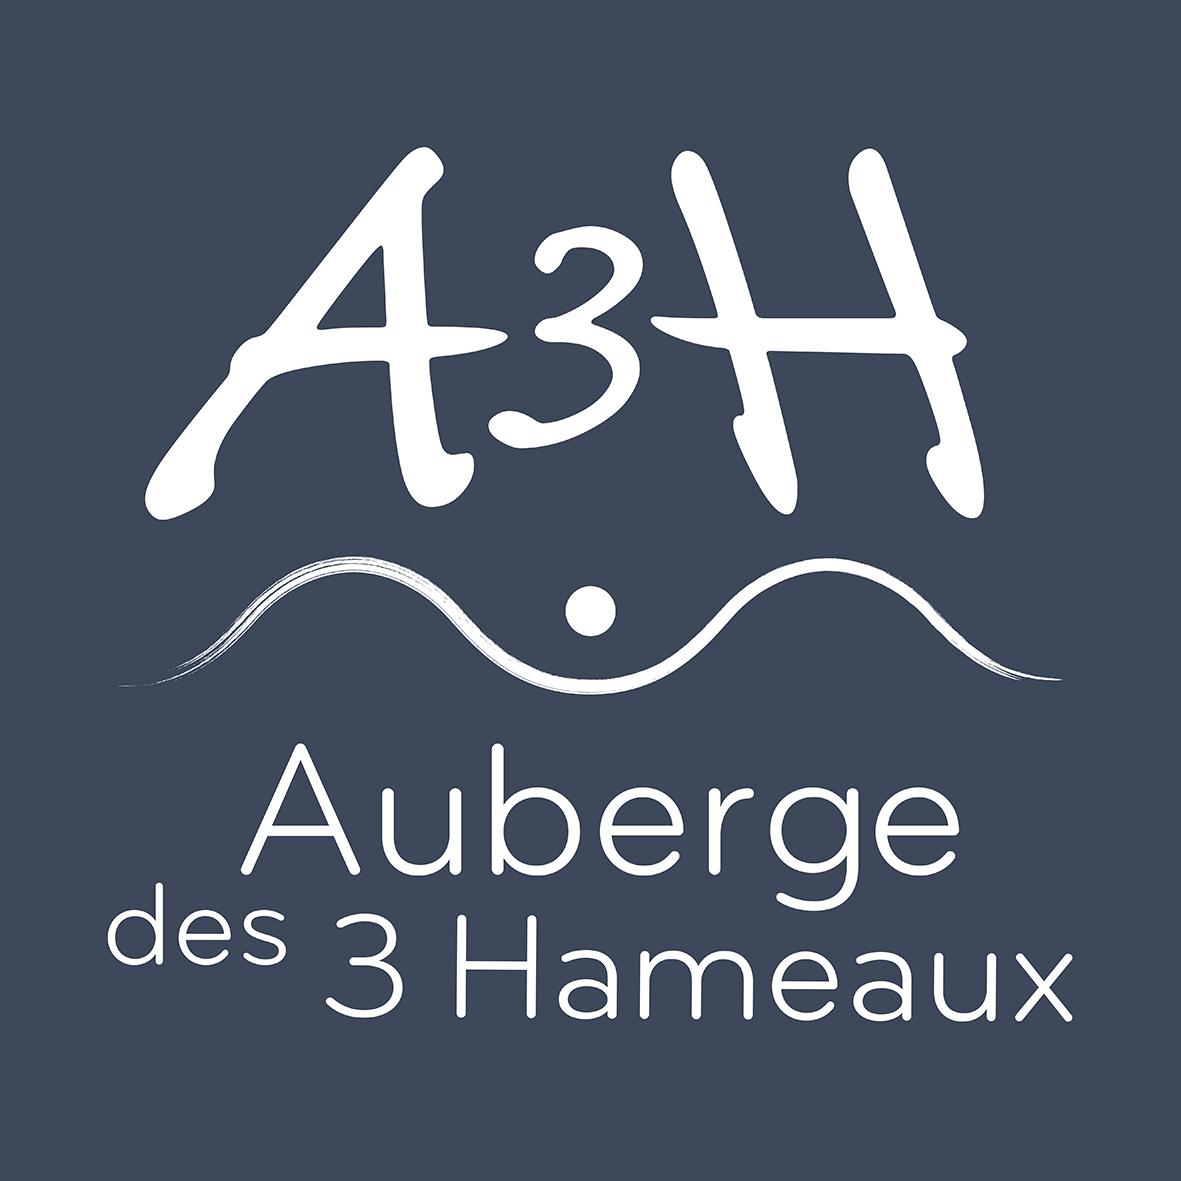 Logo Auberge des 3 hameaux